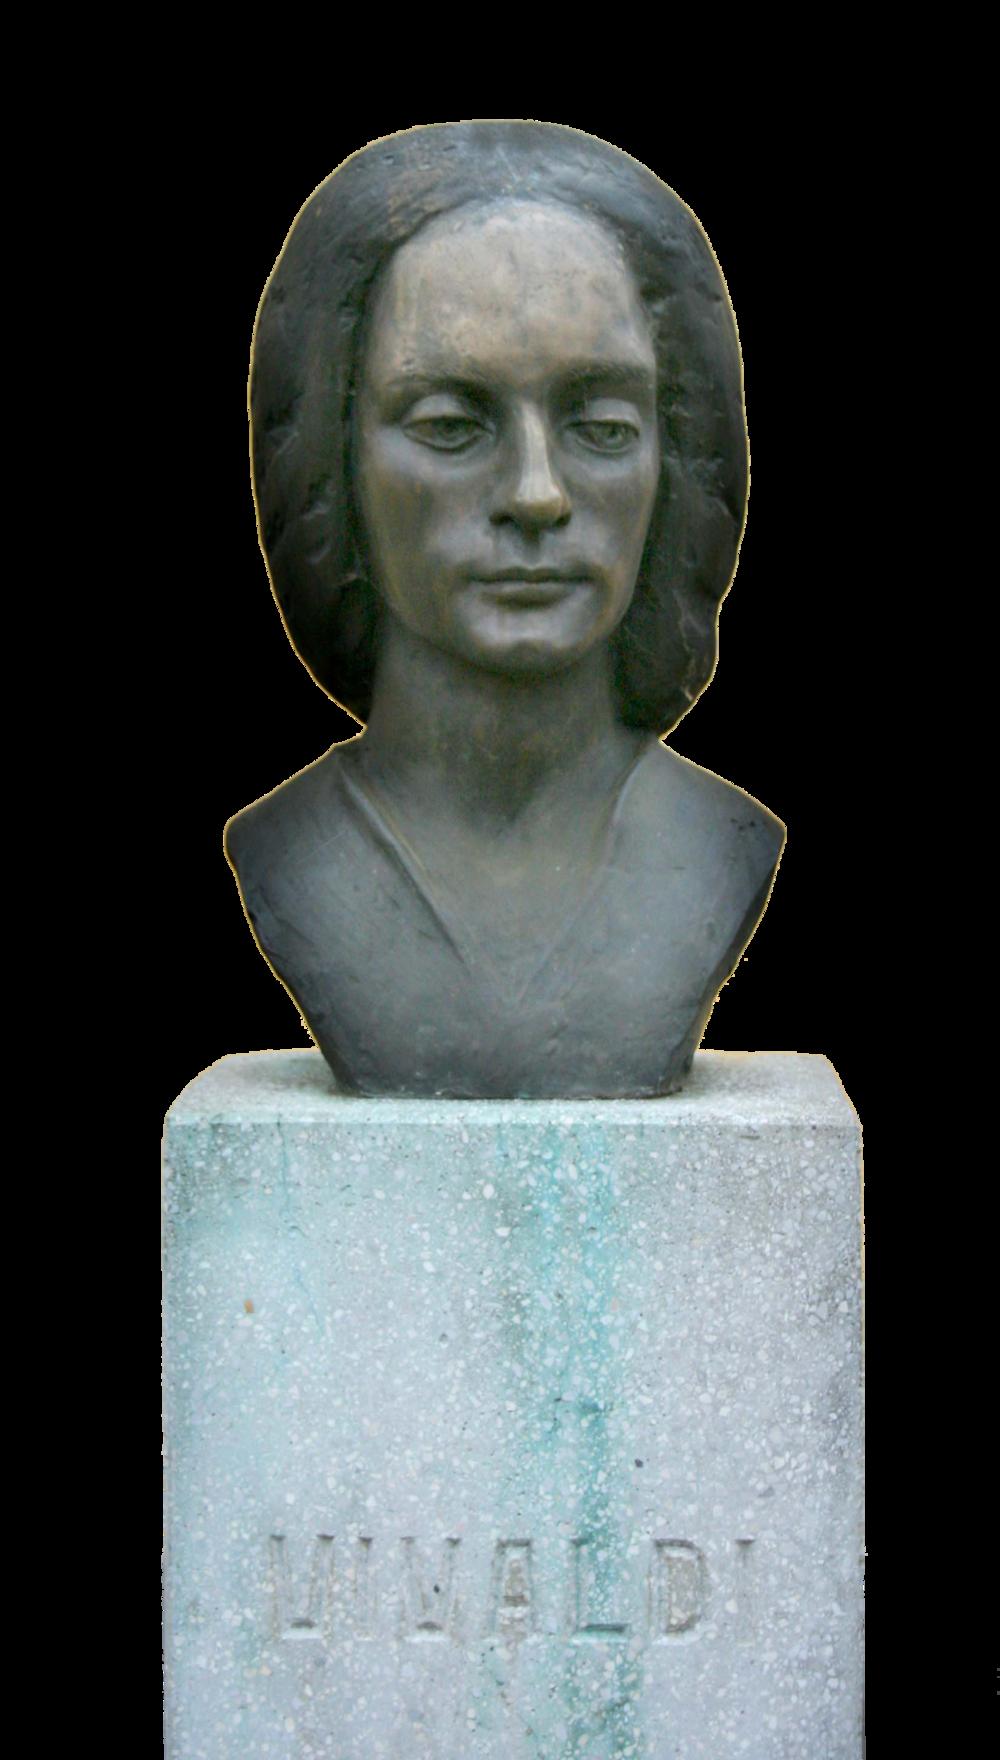 Bust of Vivaldi Sarospatak, Hungary